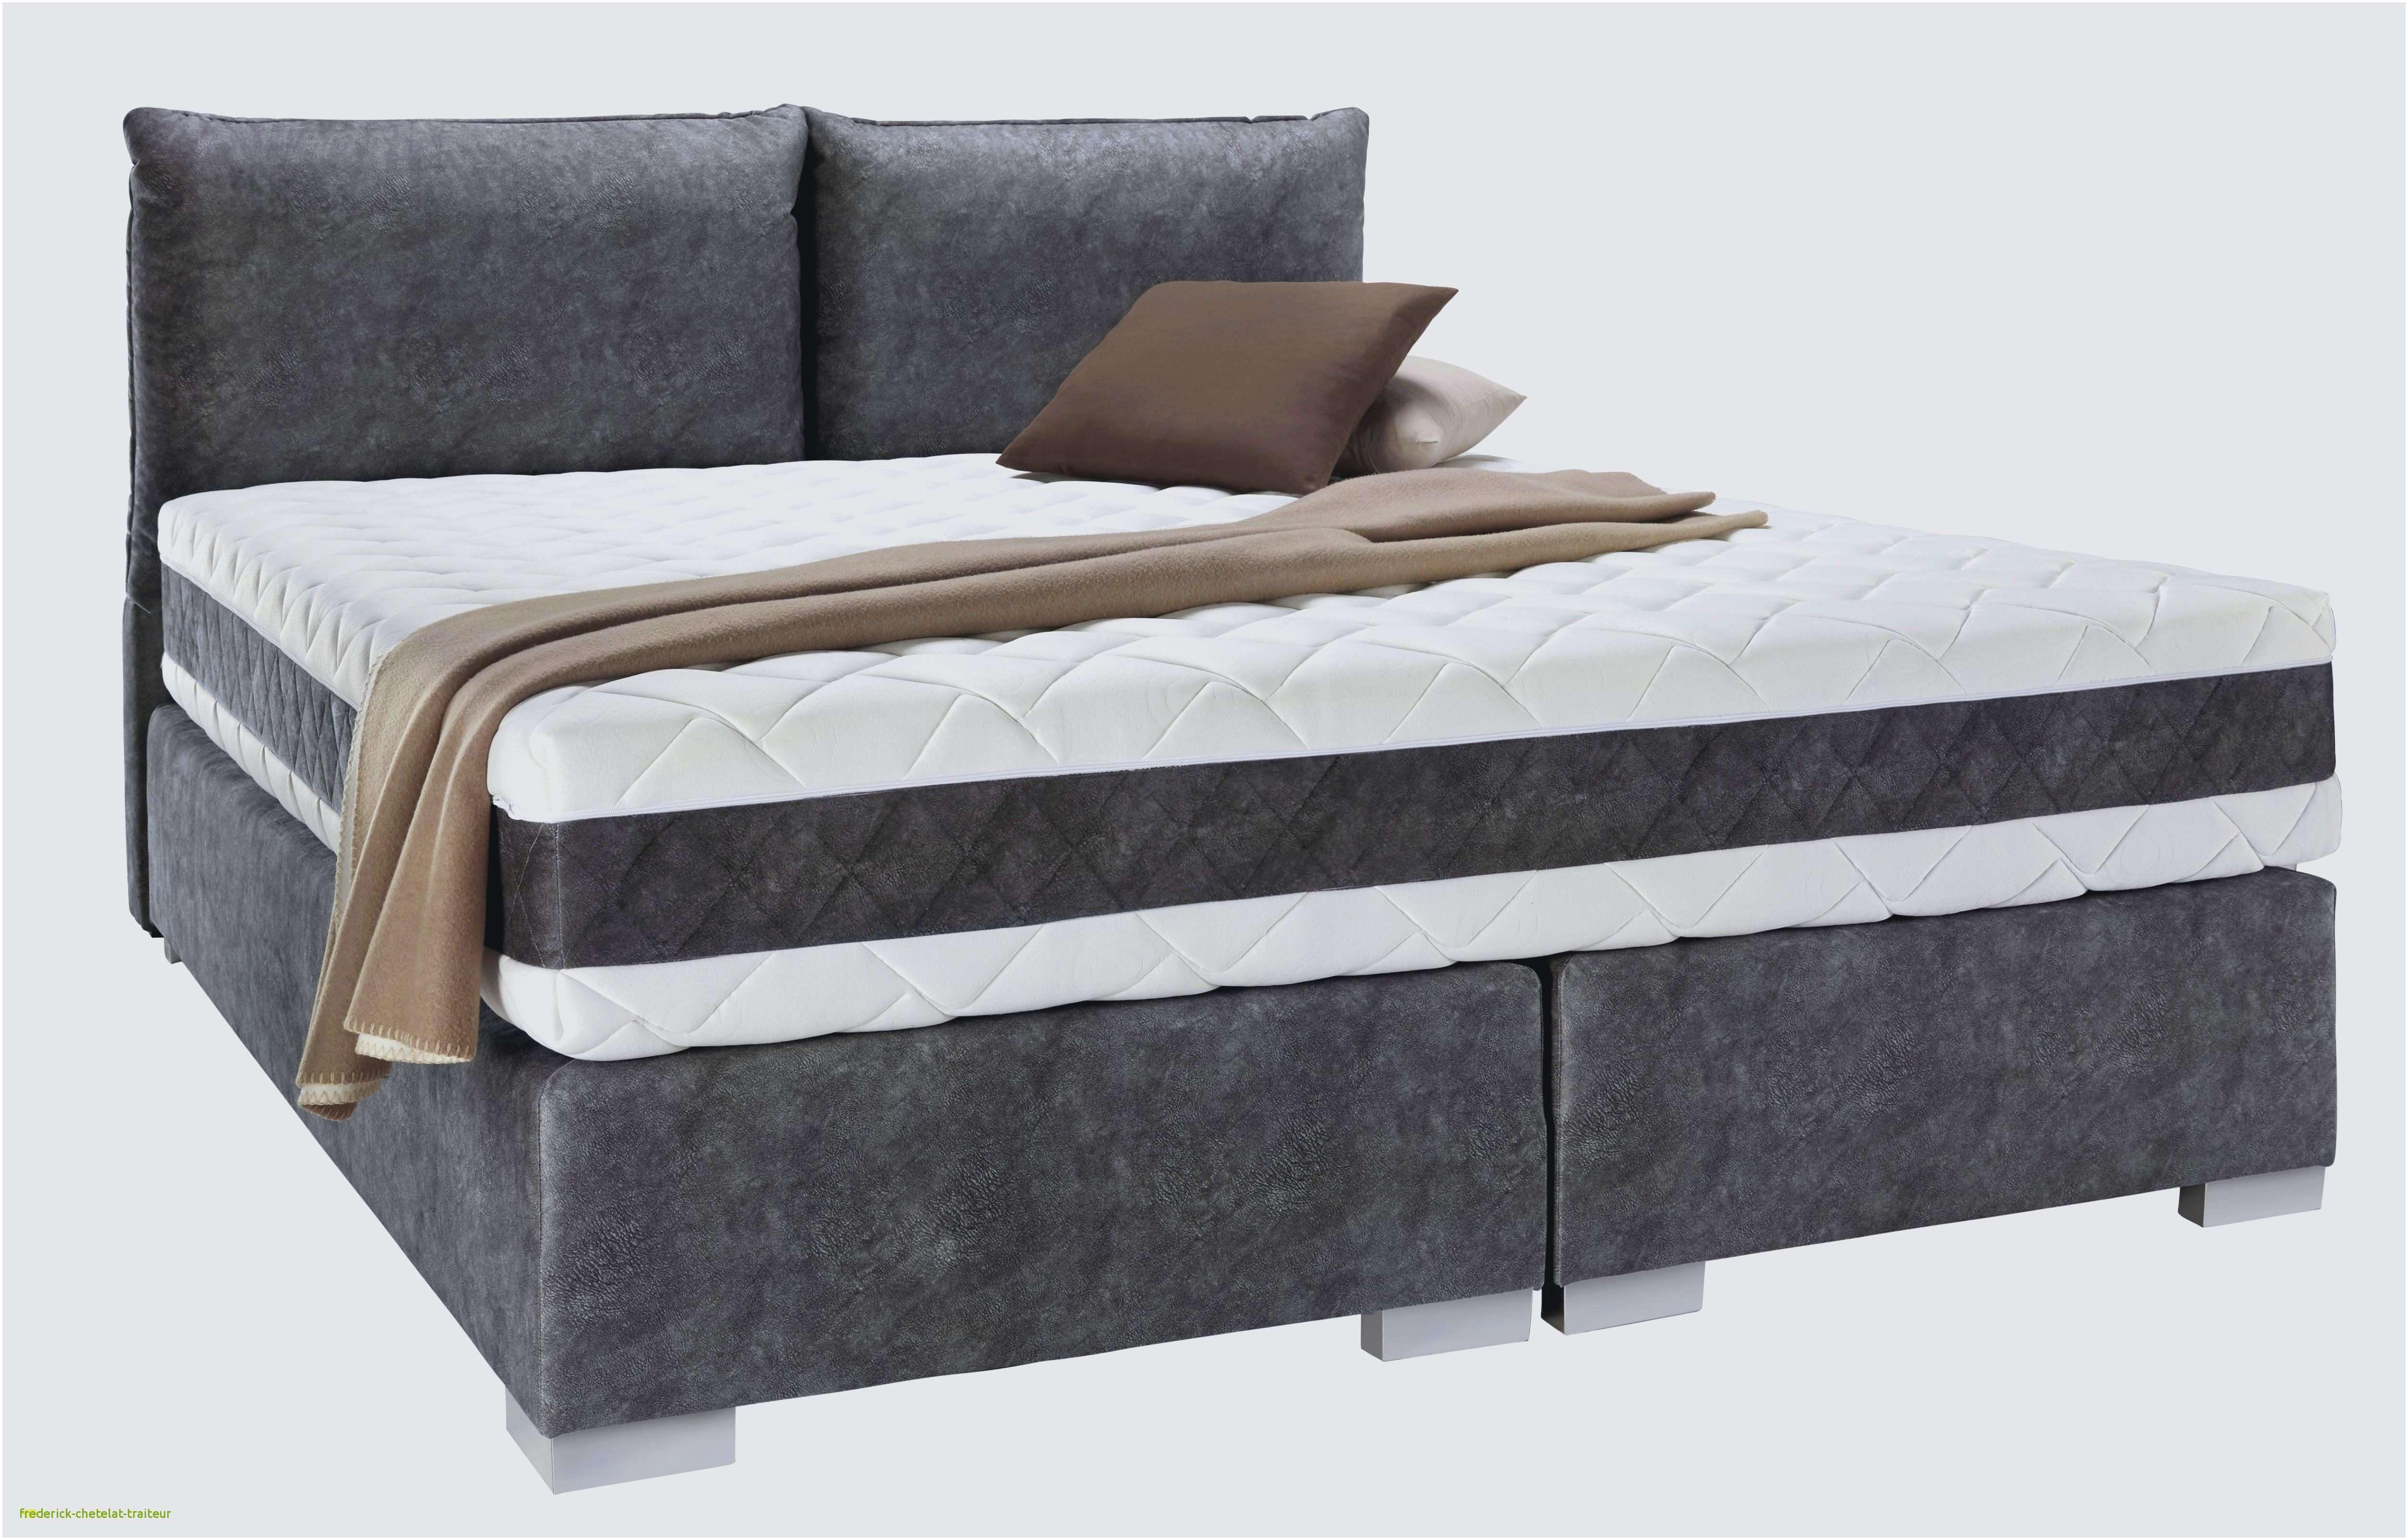 Lit Coffre 160x190 Nouveau Inspiré sommier En Kit 140—190 Ikea Beau S Verin Lit Coffre Génial